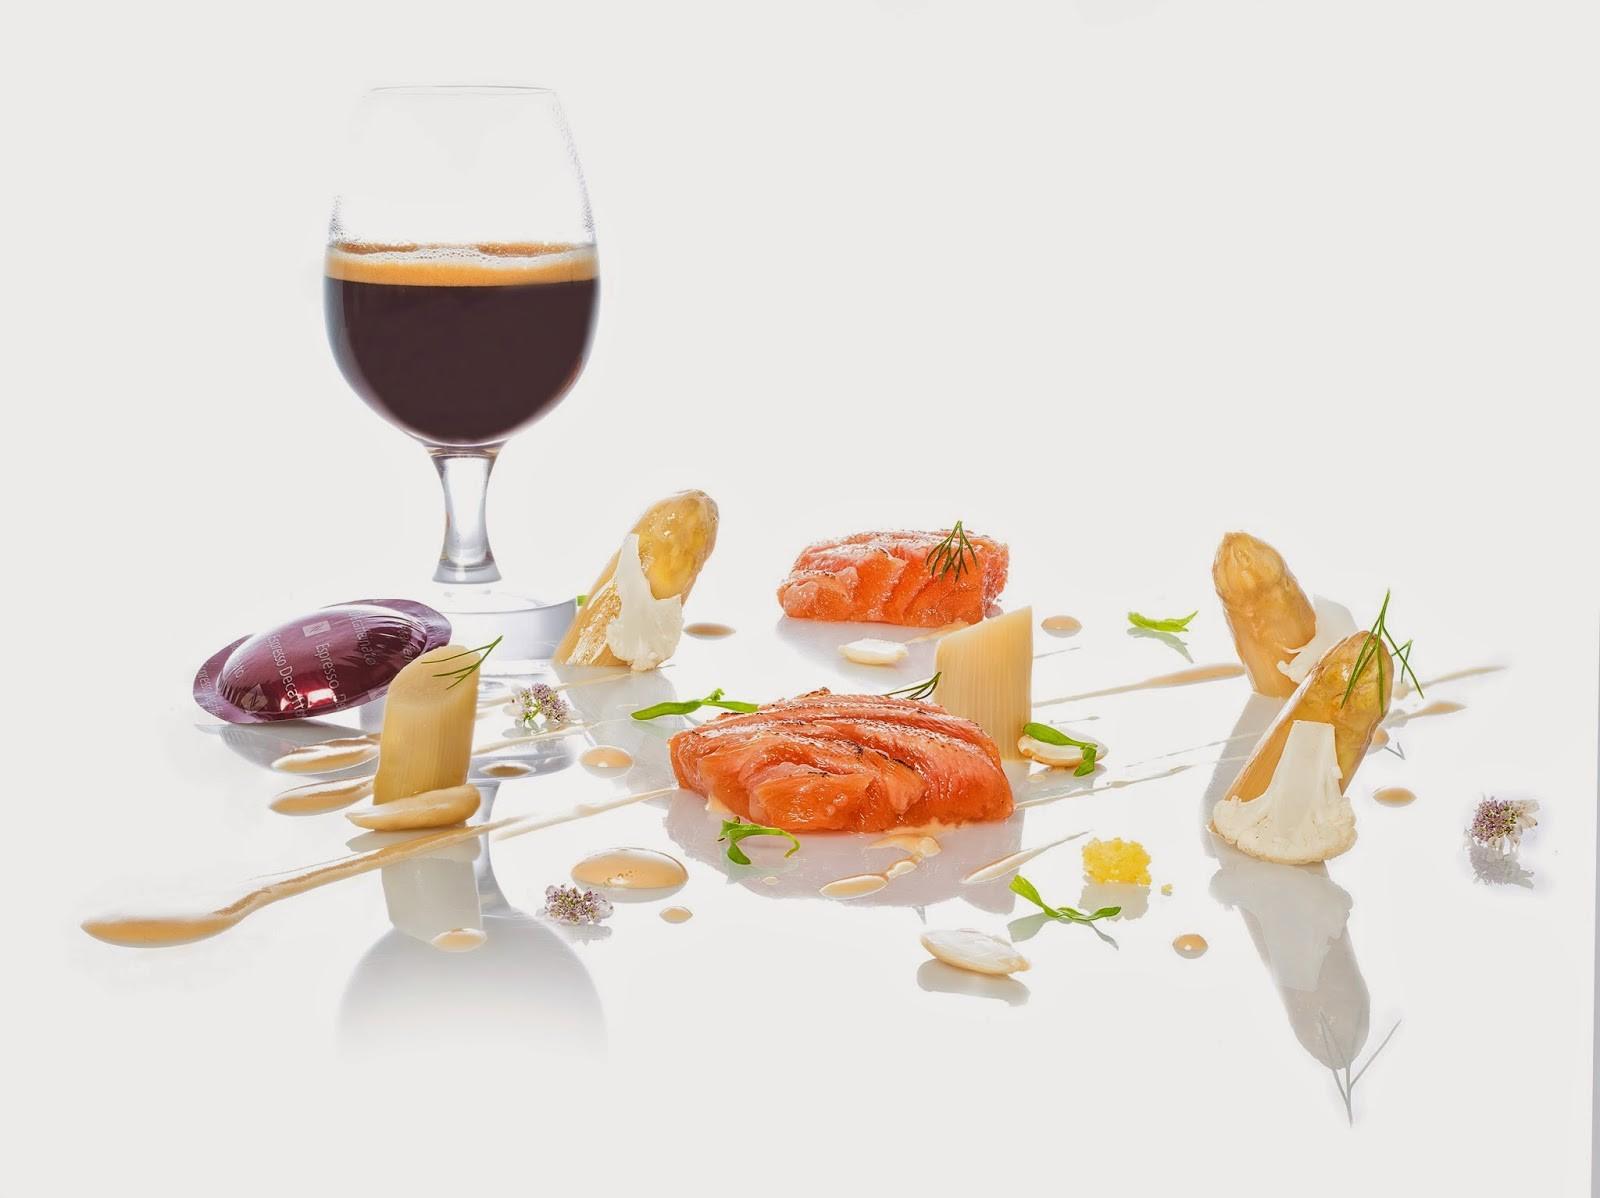 NespressoGourmetWeeks_PacoRoncero_Ventresca de salmón con espárragos blancos, hierbas anisadas y licuado de café_01